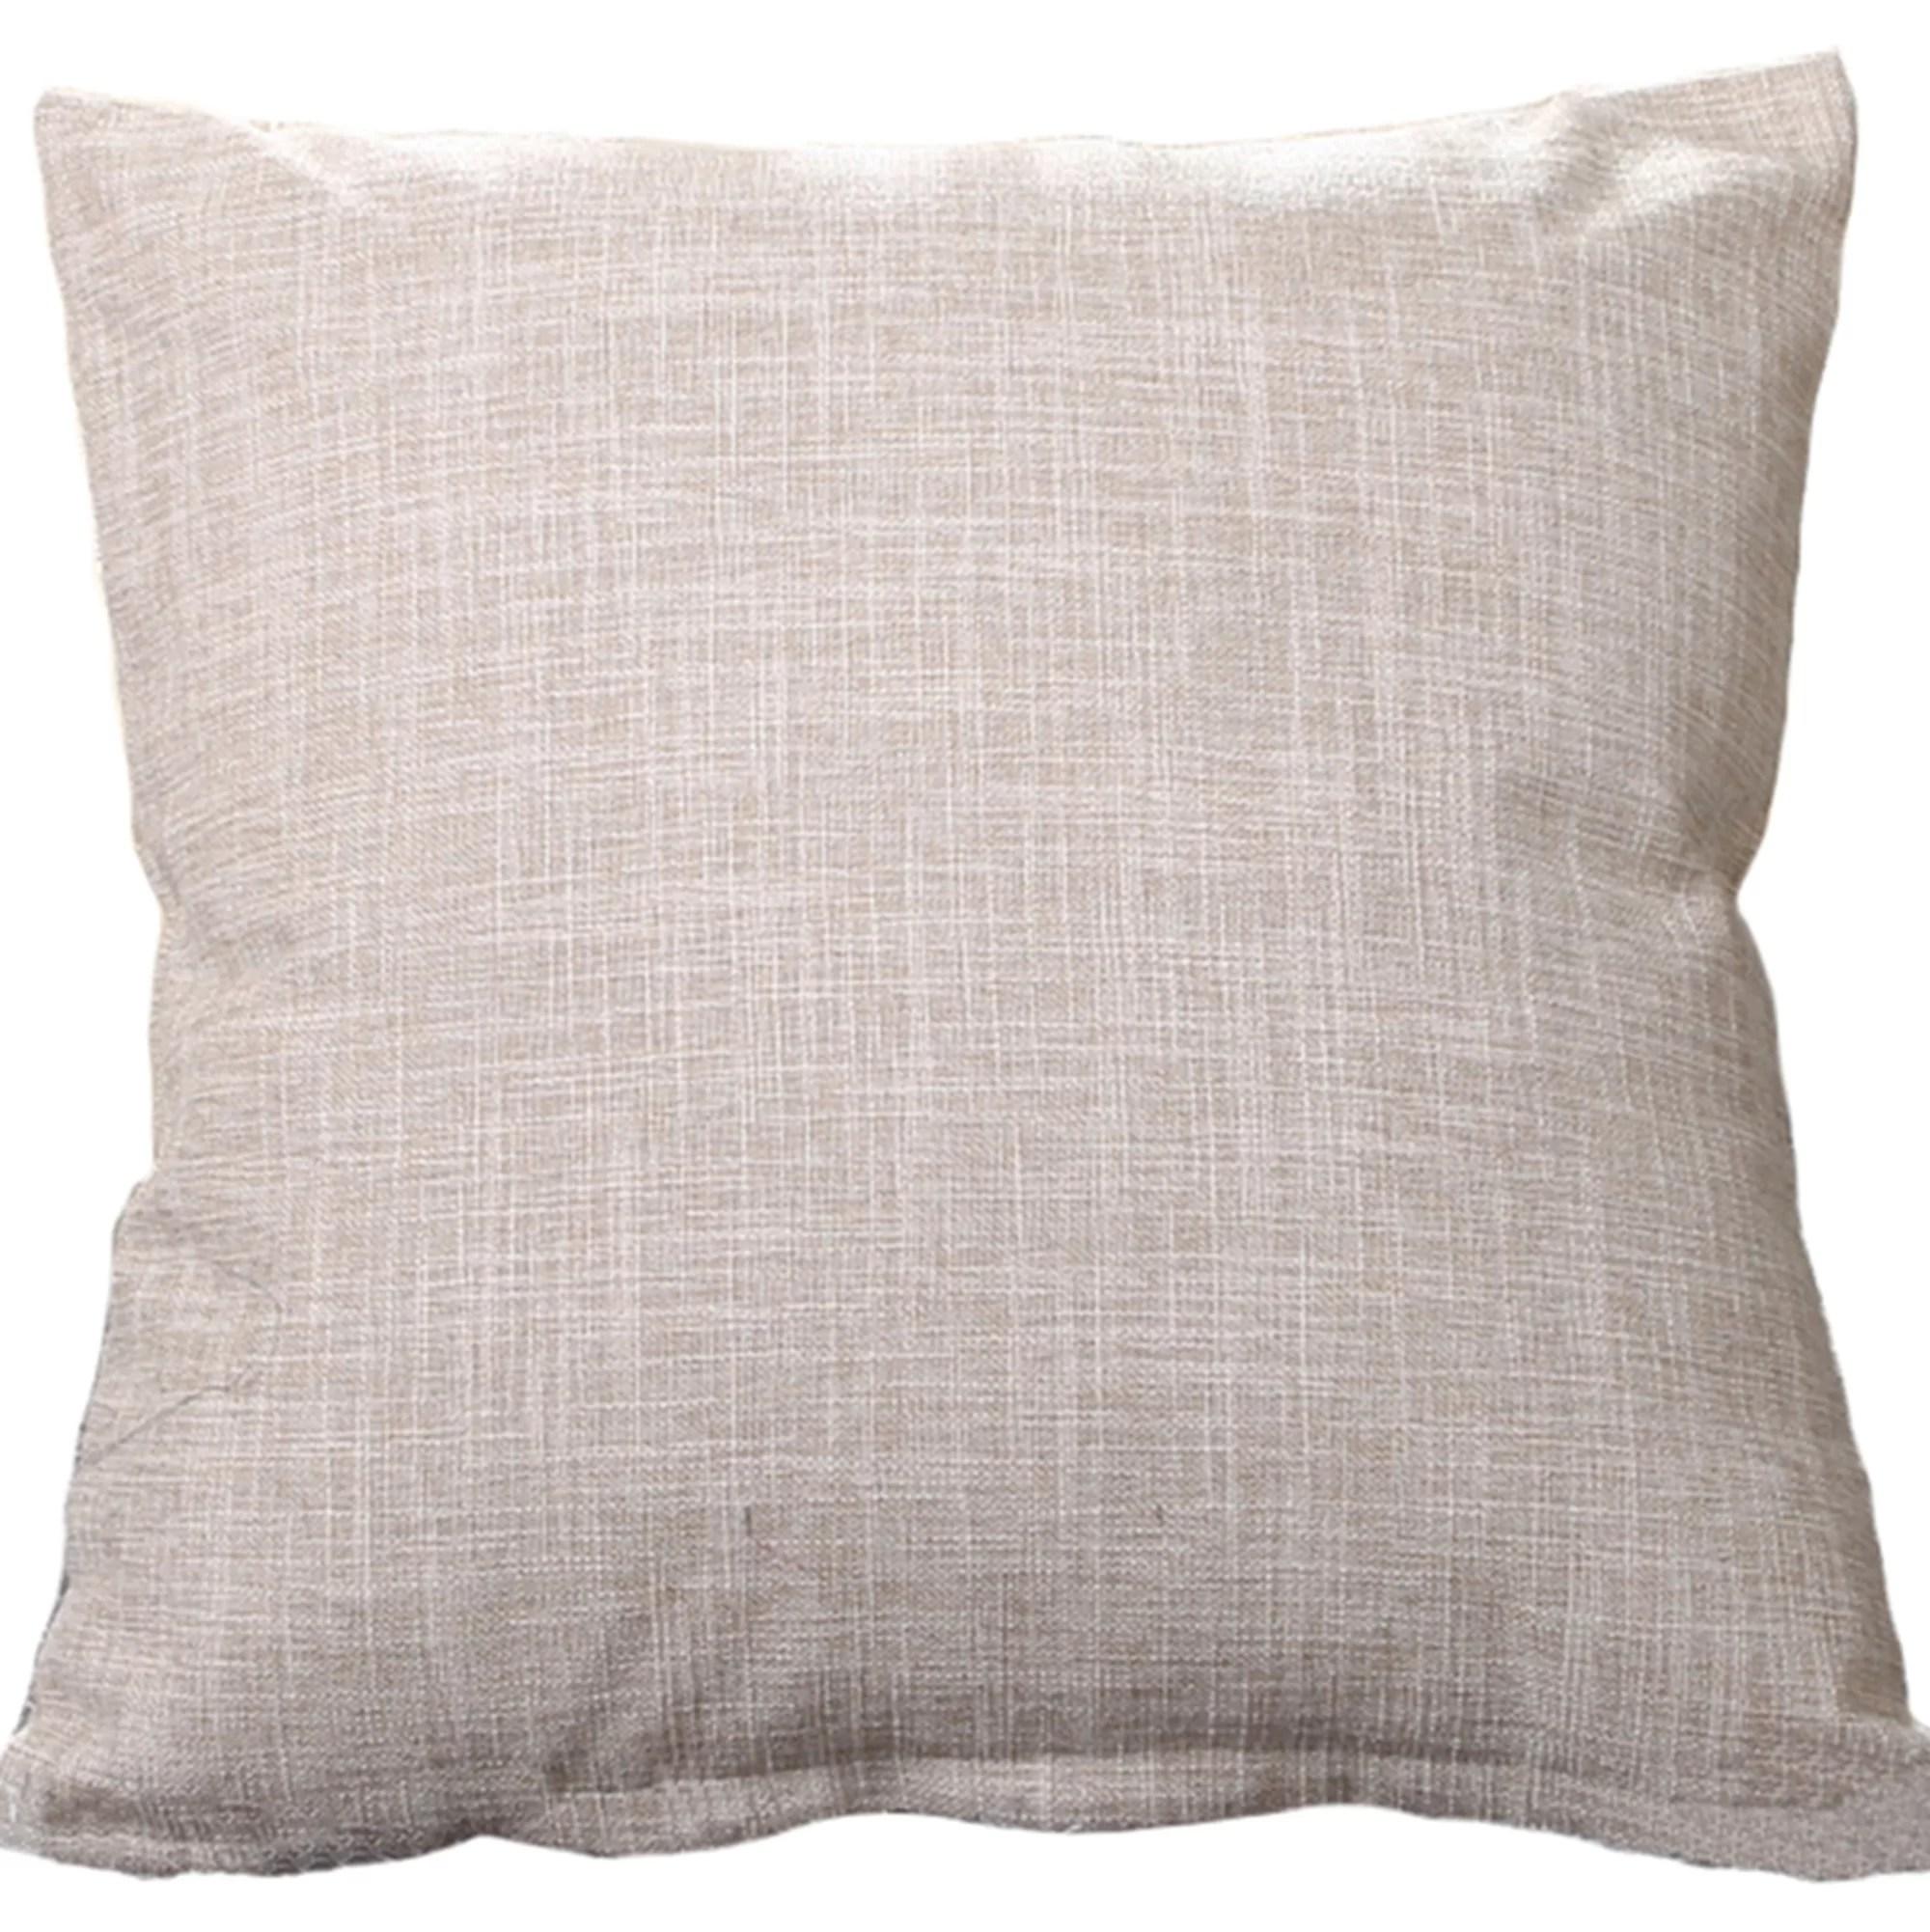 large white throw pillows free